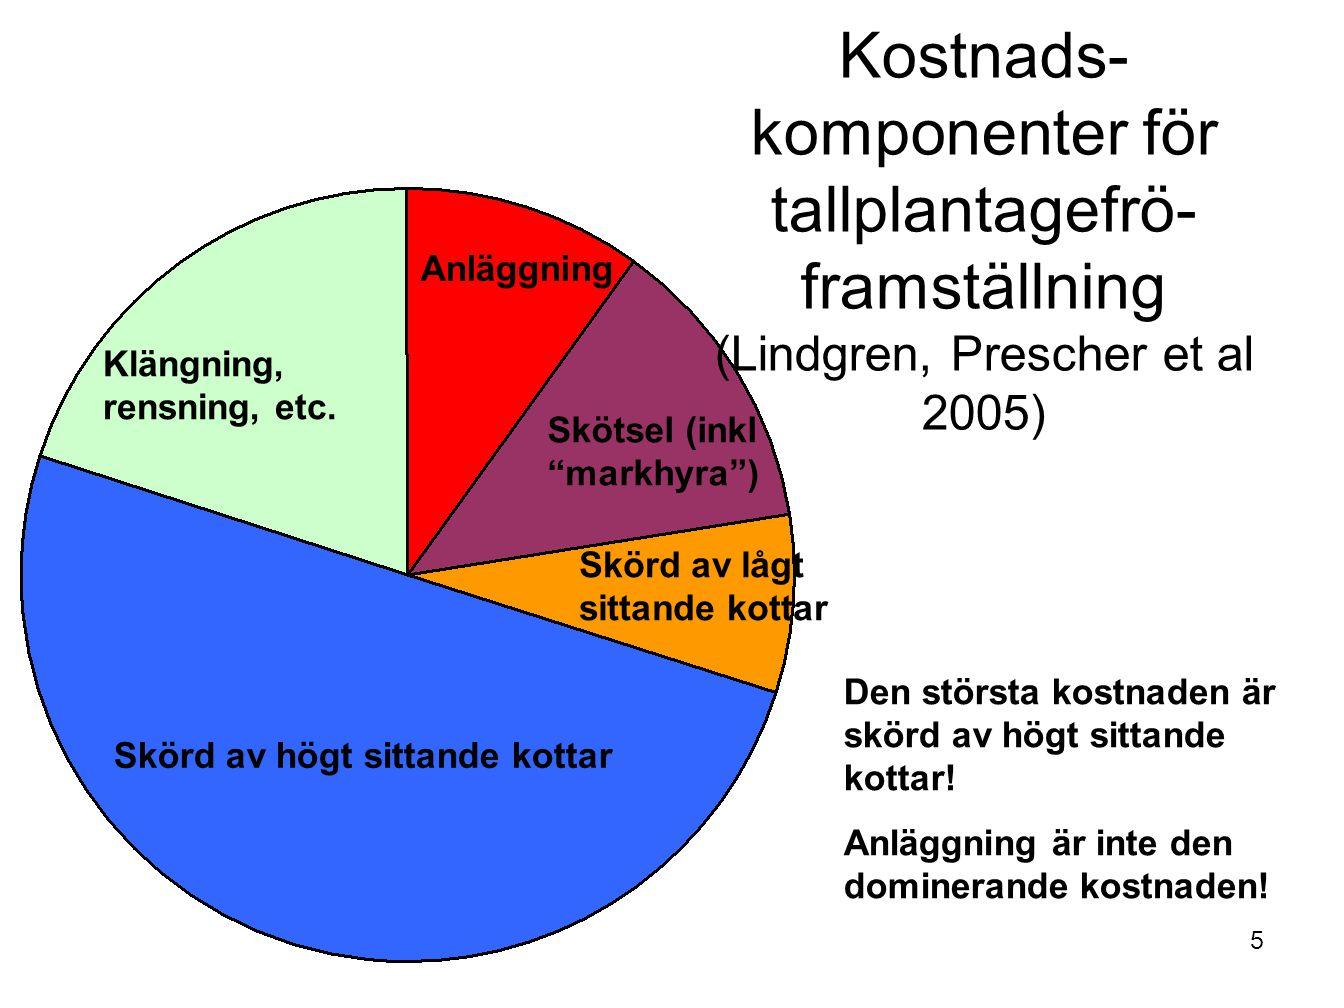 6 Lindgren, Prescher m fl 2005 gissning av den operativt tillgängliga fröproduktionens utveckling över tiden (400 ympar/hektar), (skärt enligt SkogForsk)